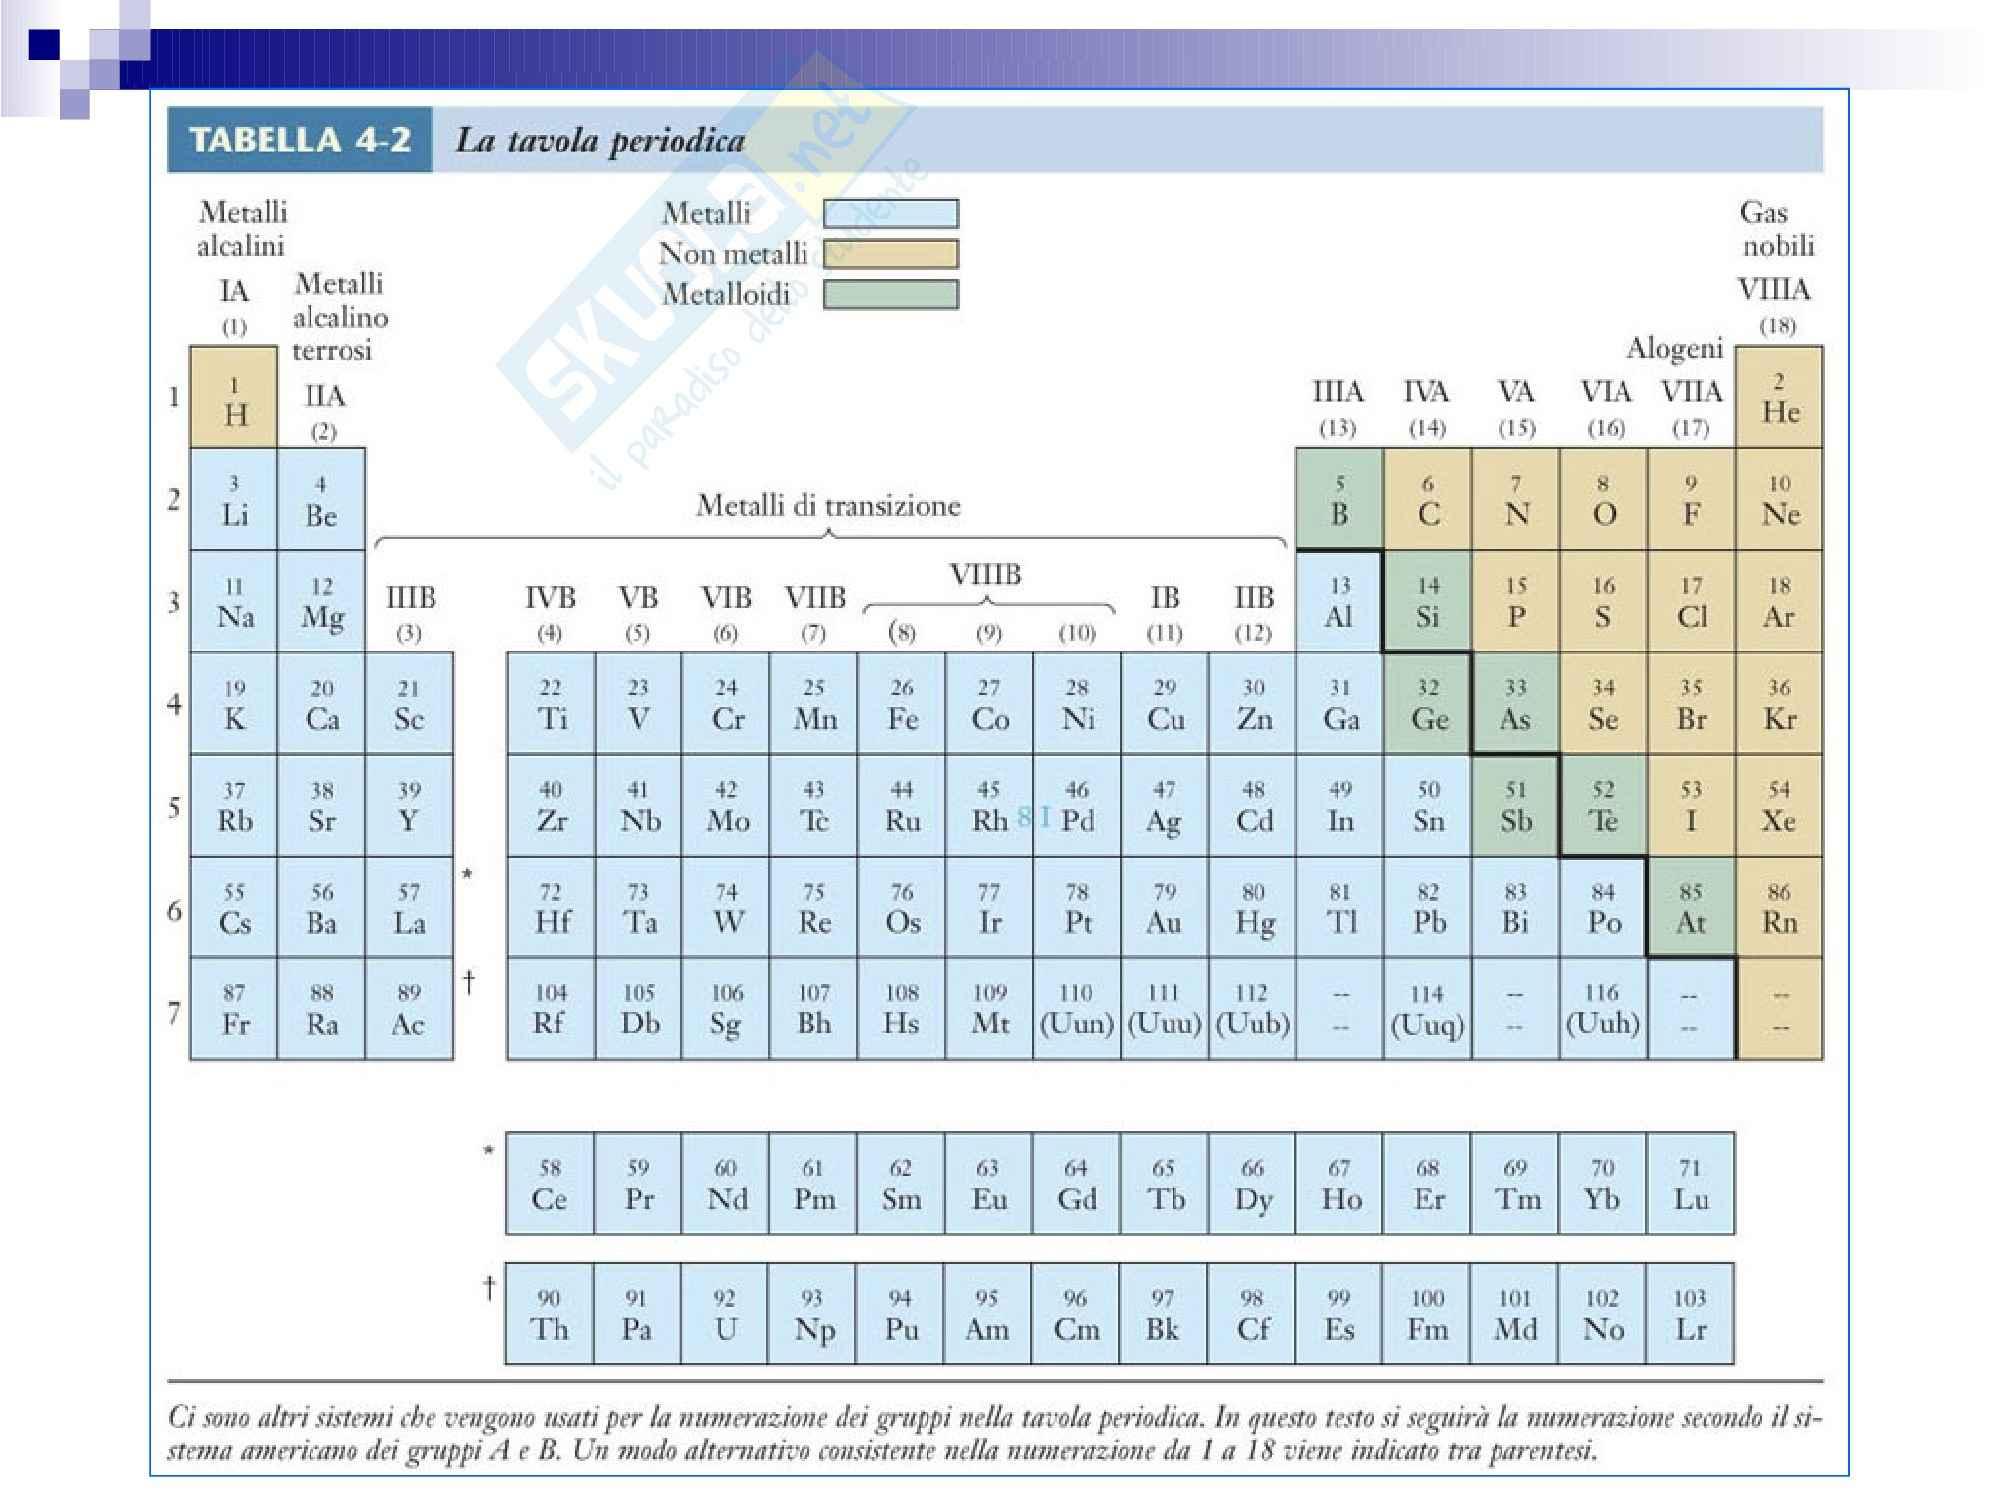 Tavola periodica degli elementi Pag. 2